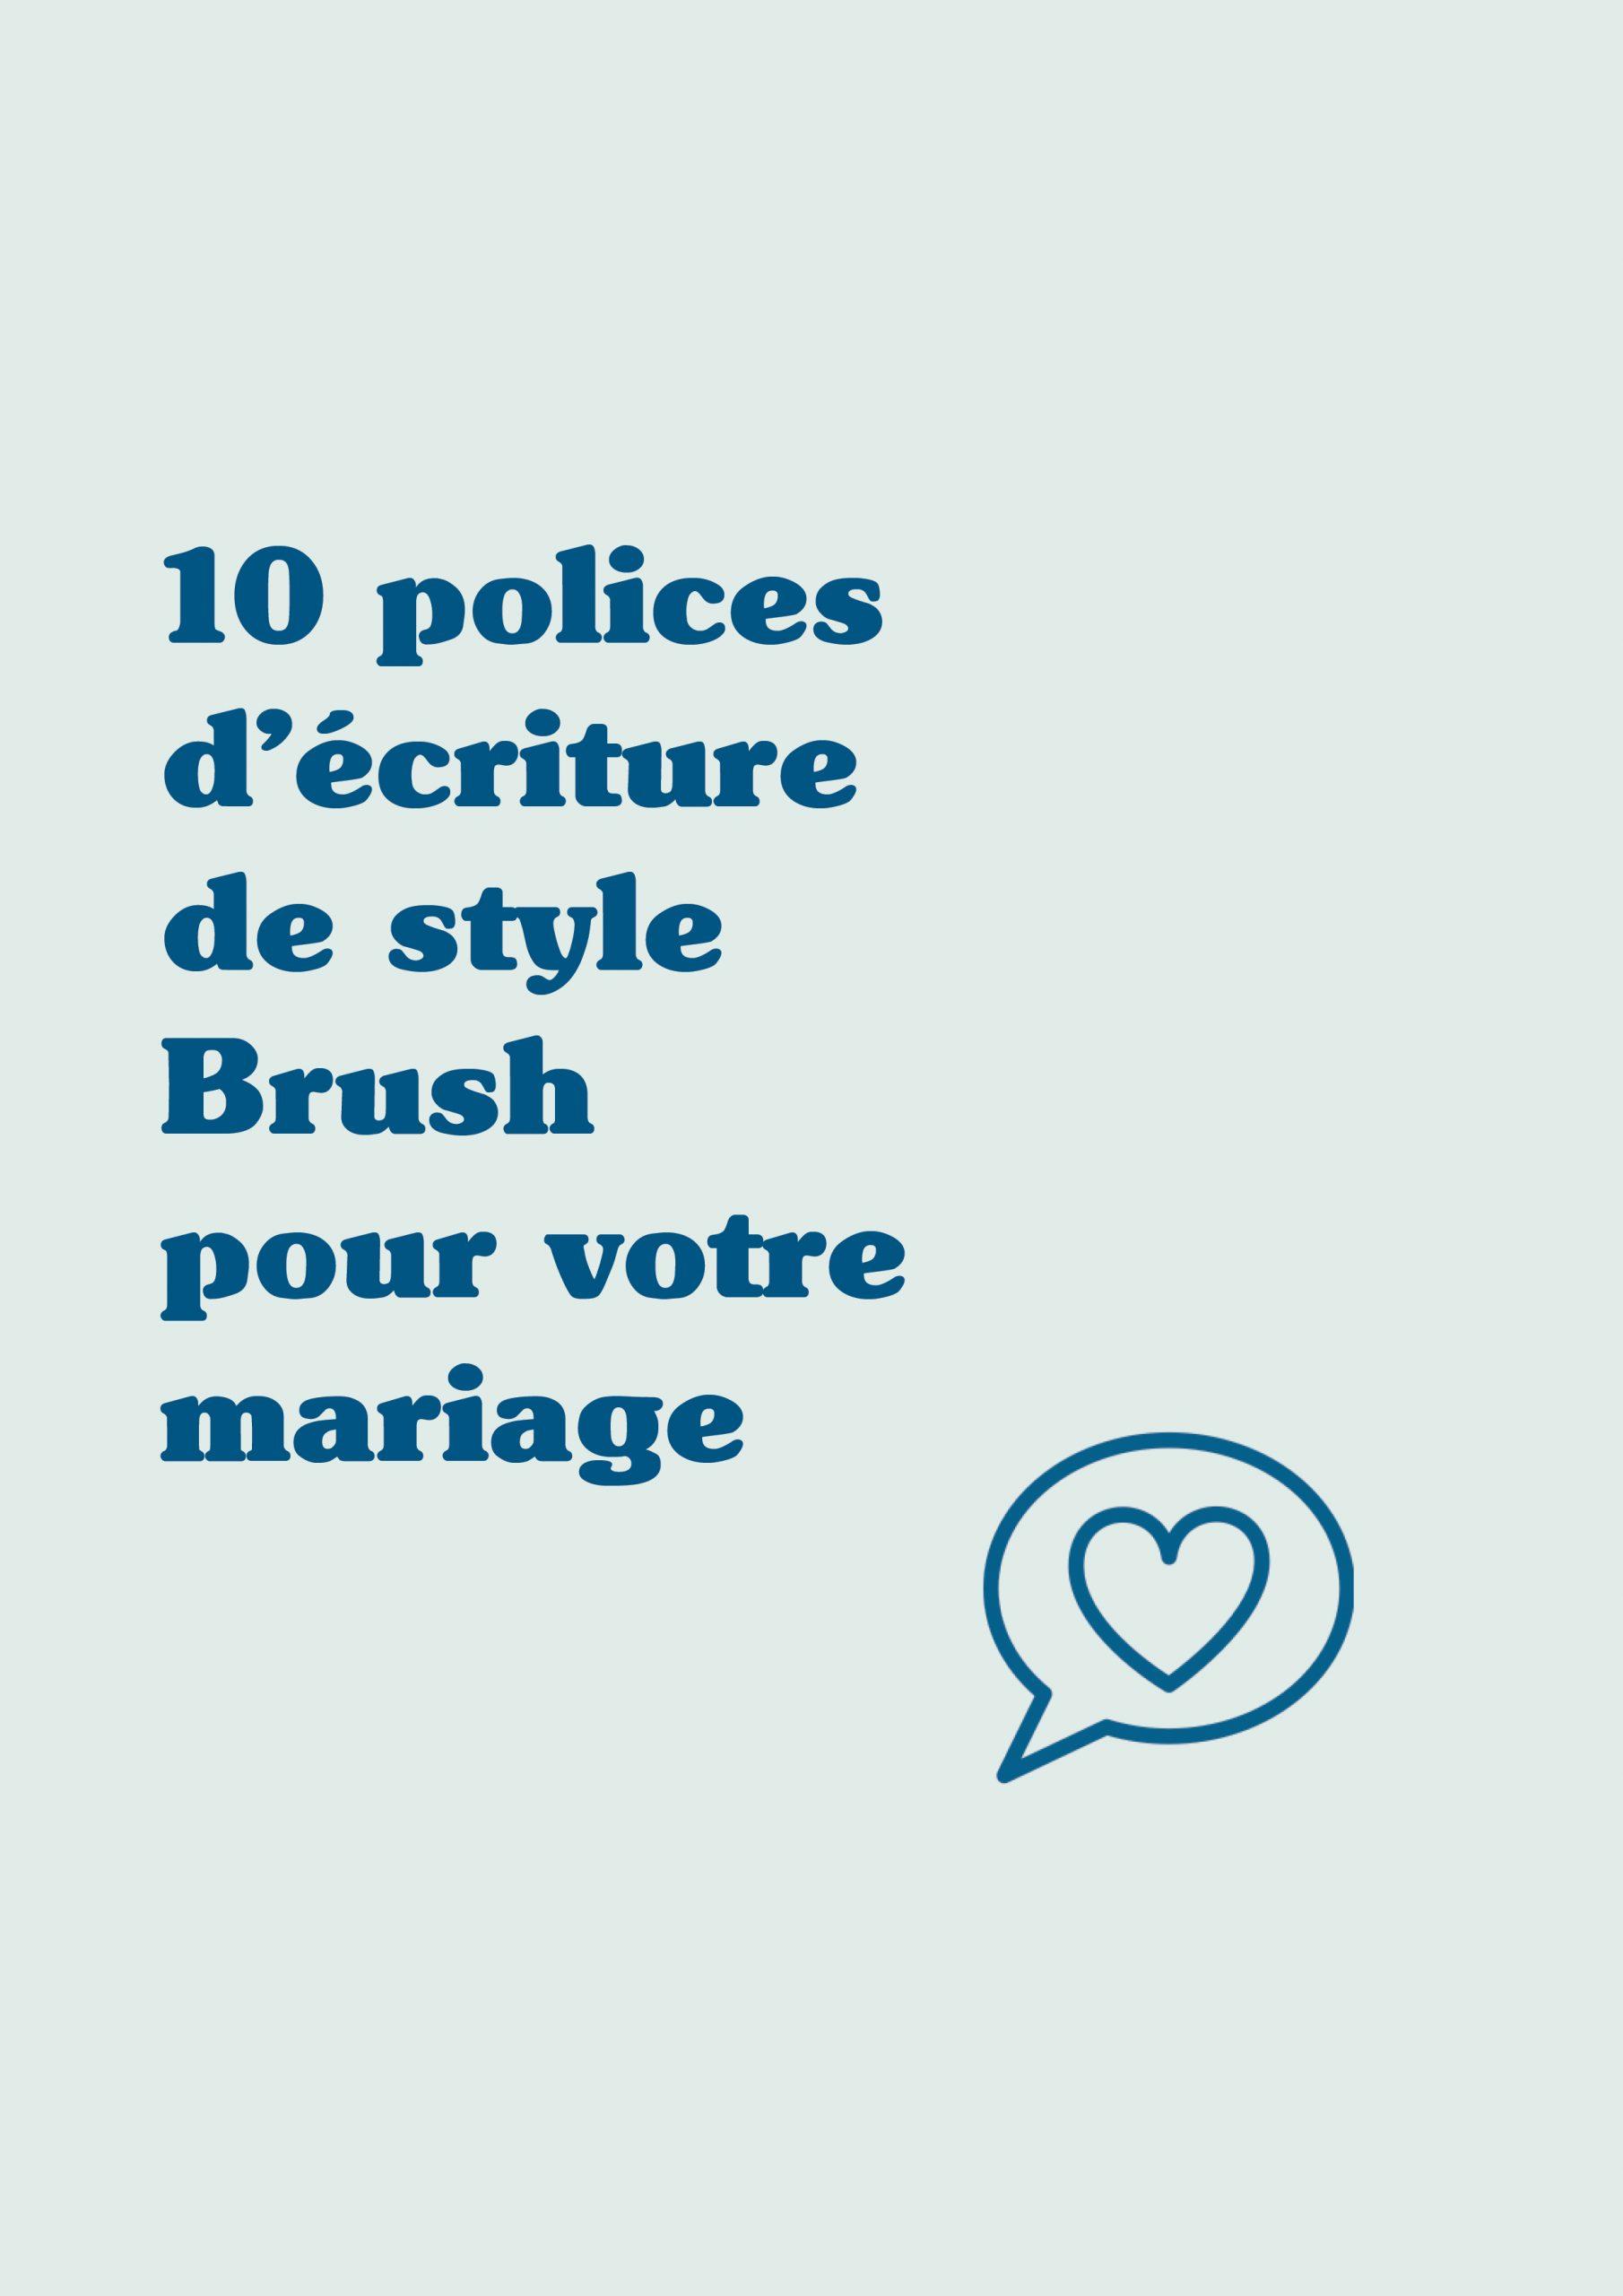 10 Polices D'écriture Pour Mariage Style Brush - Le Blog De à Ecriture De Noel A Imprimer